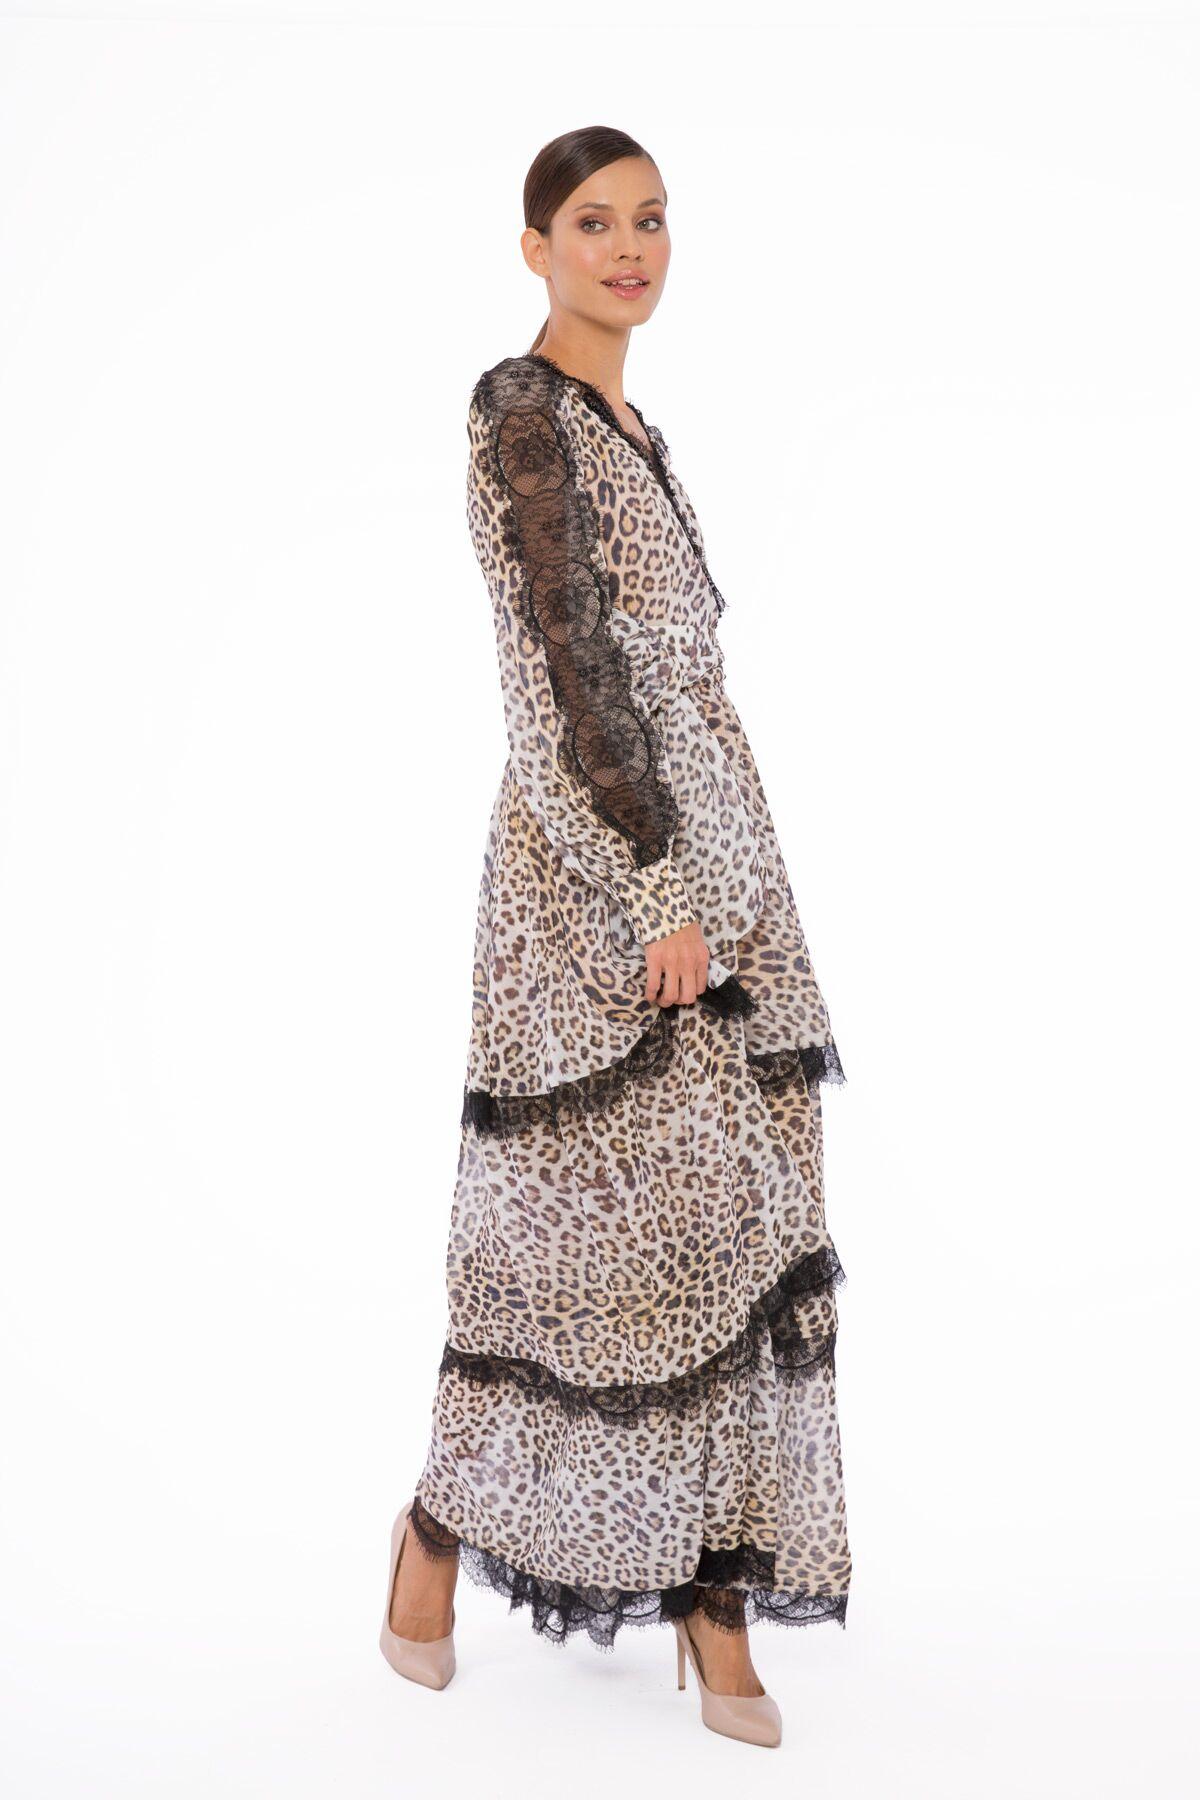 Dantel Detaylı Leopar Desenli V Yaka Uzun Elbise